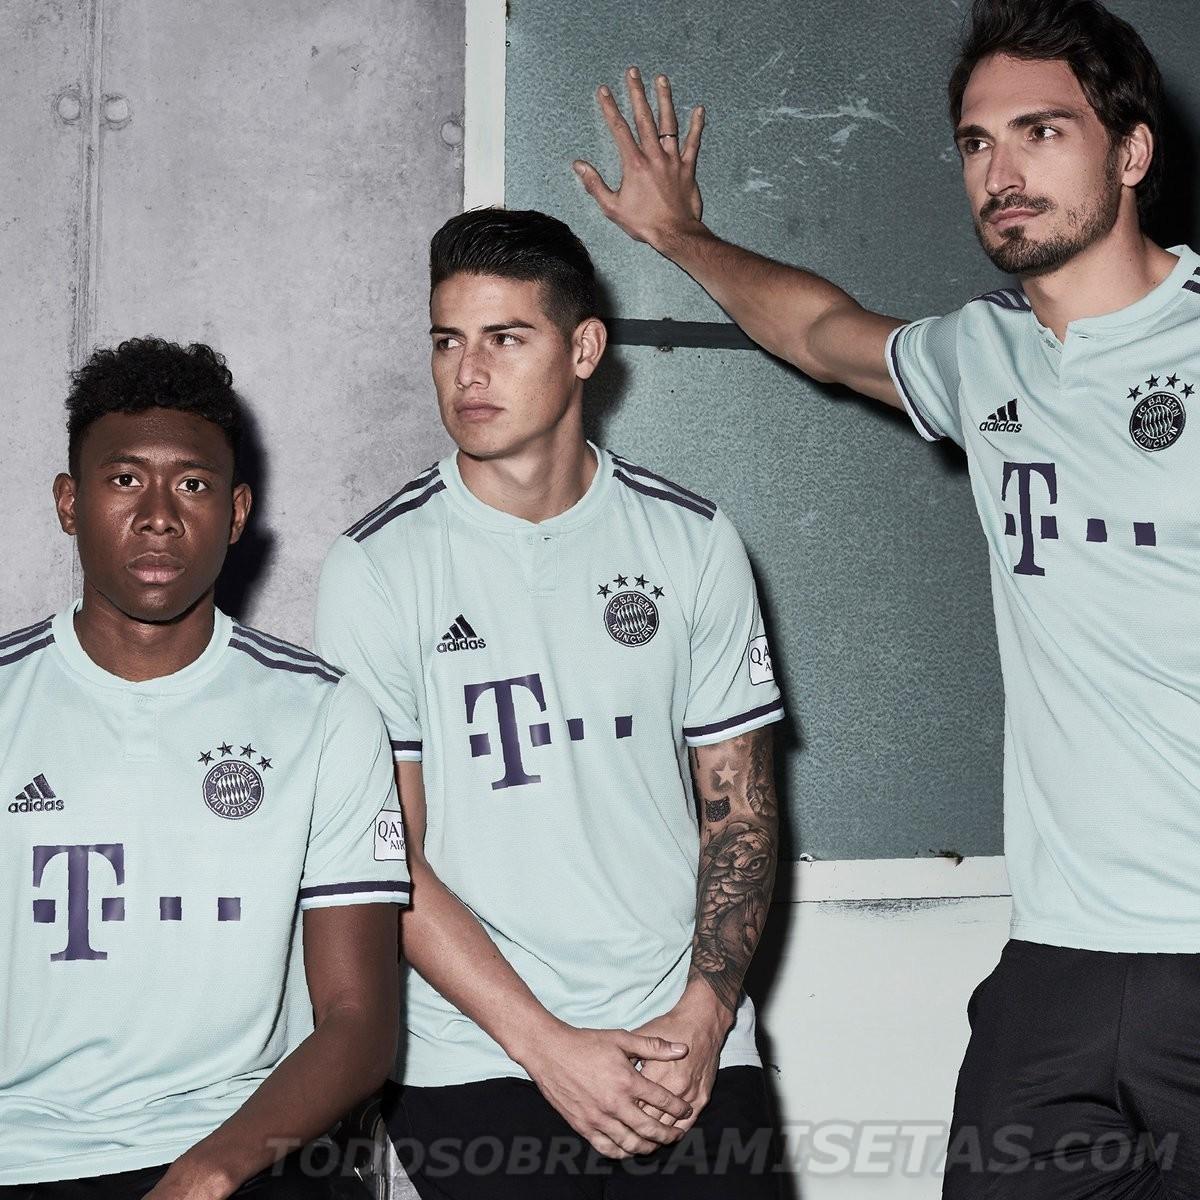 Bayern-Munich-2018-19-adidas-new-away-kit-11.jpg